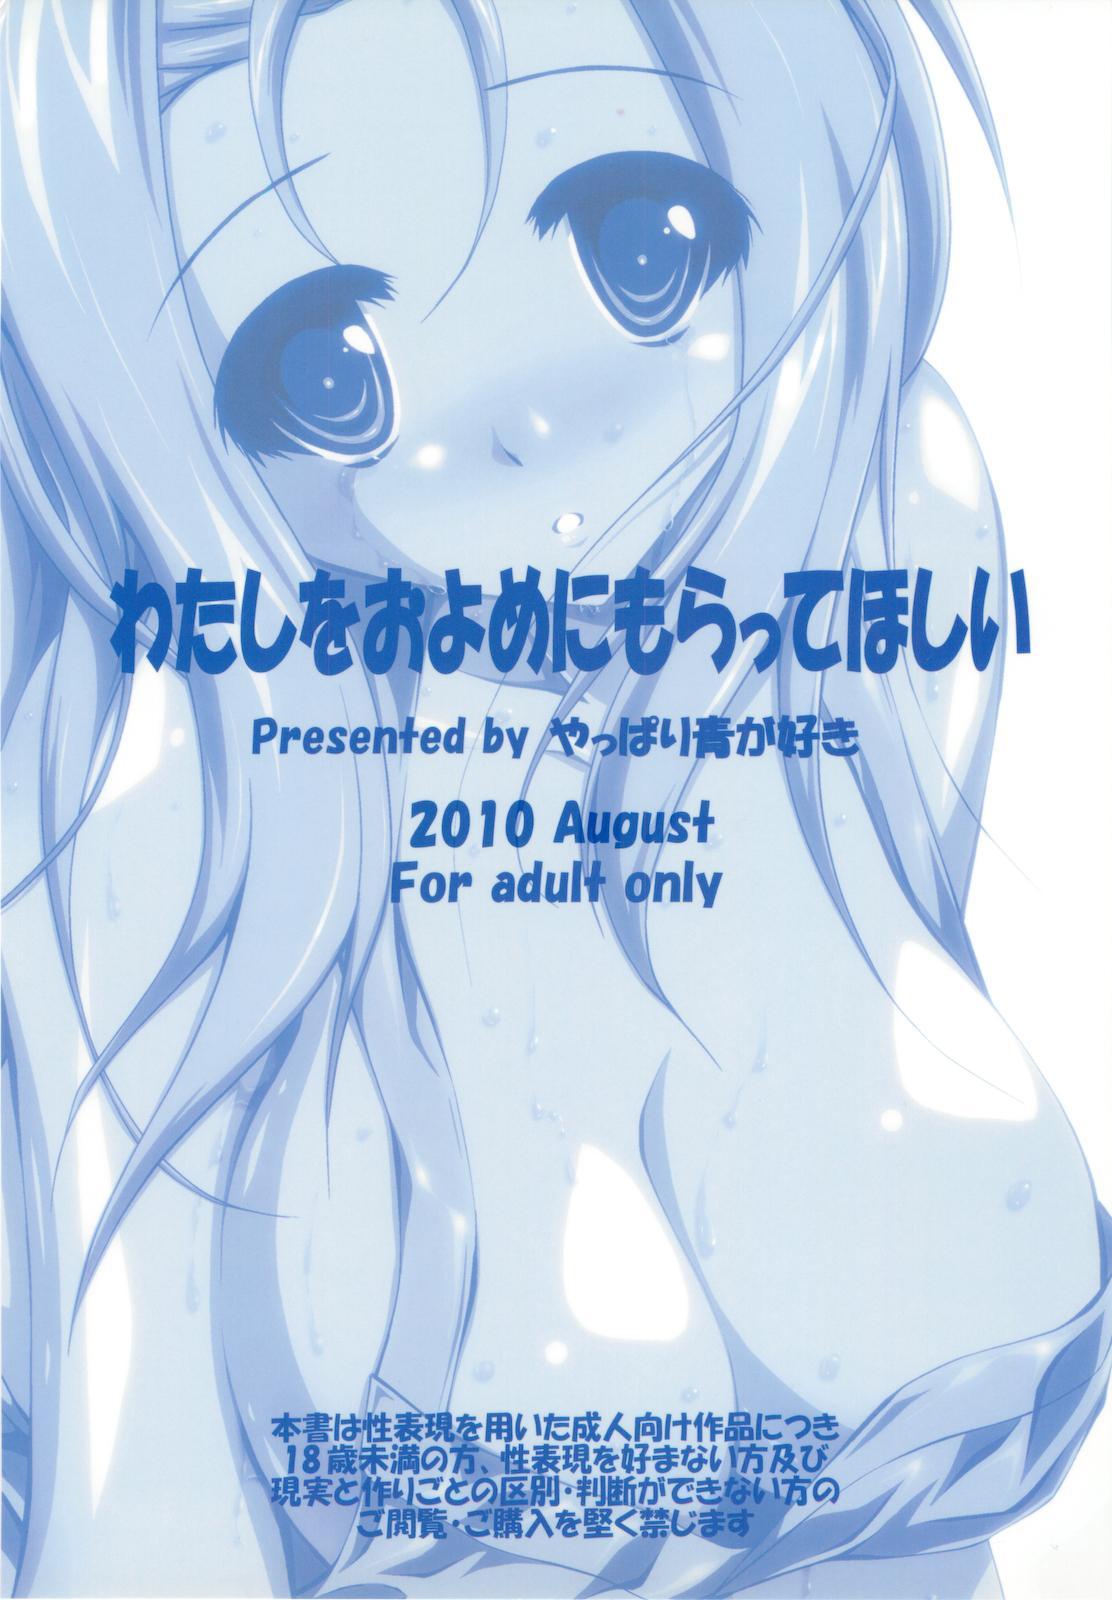 Watashi wo Oyome ni Moratte Hoshii 26